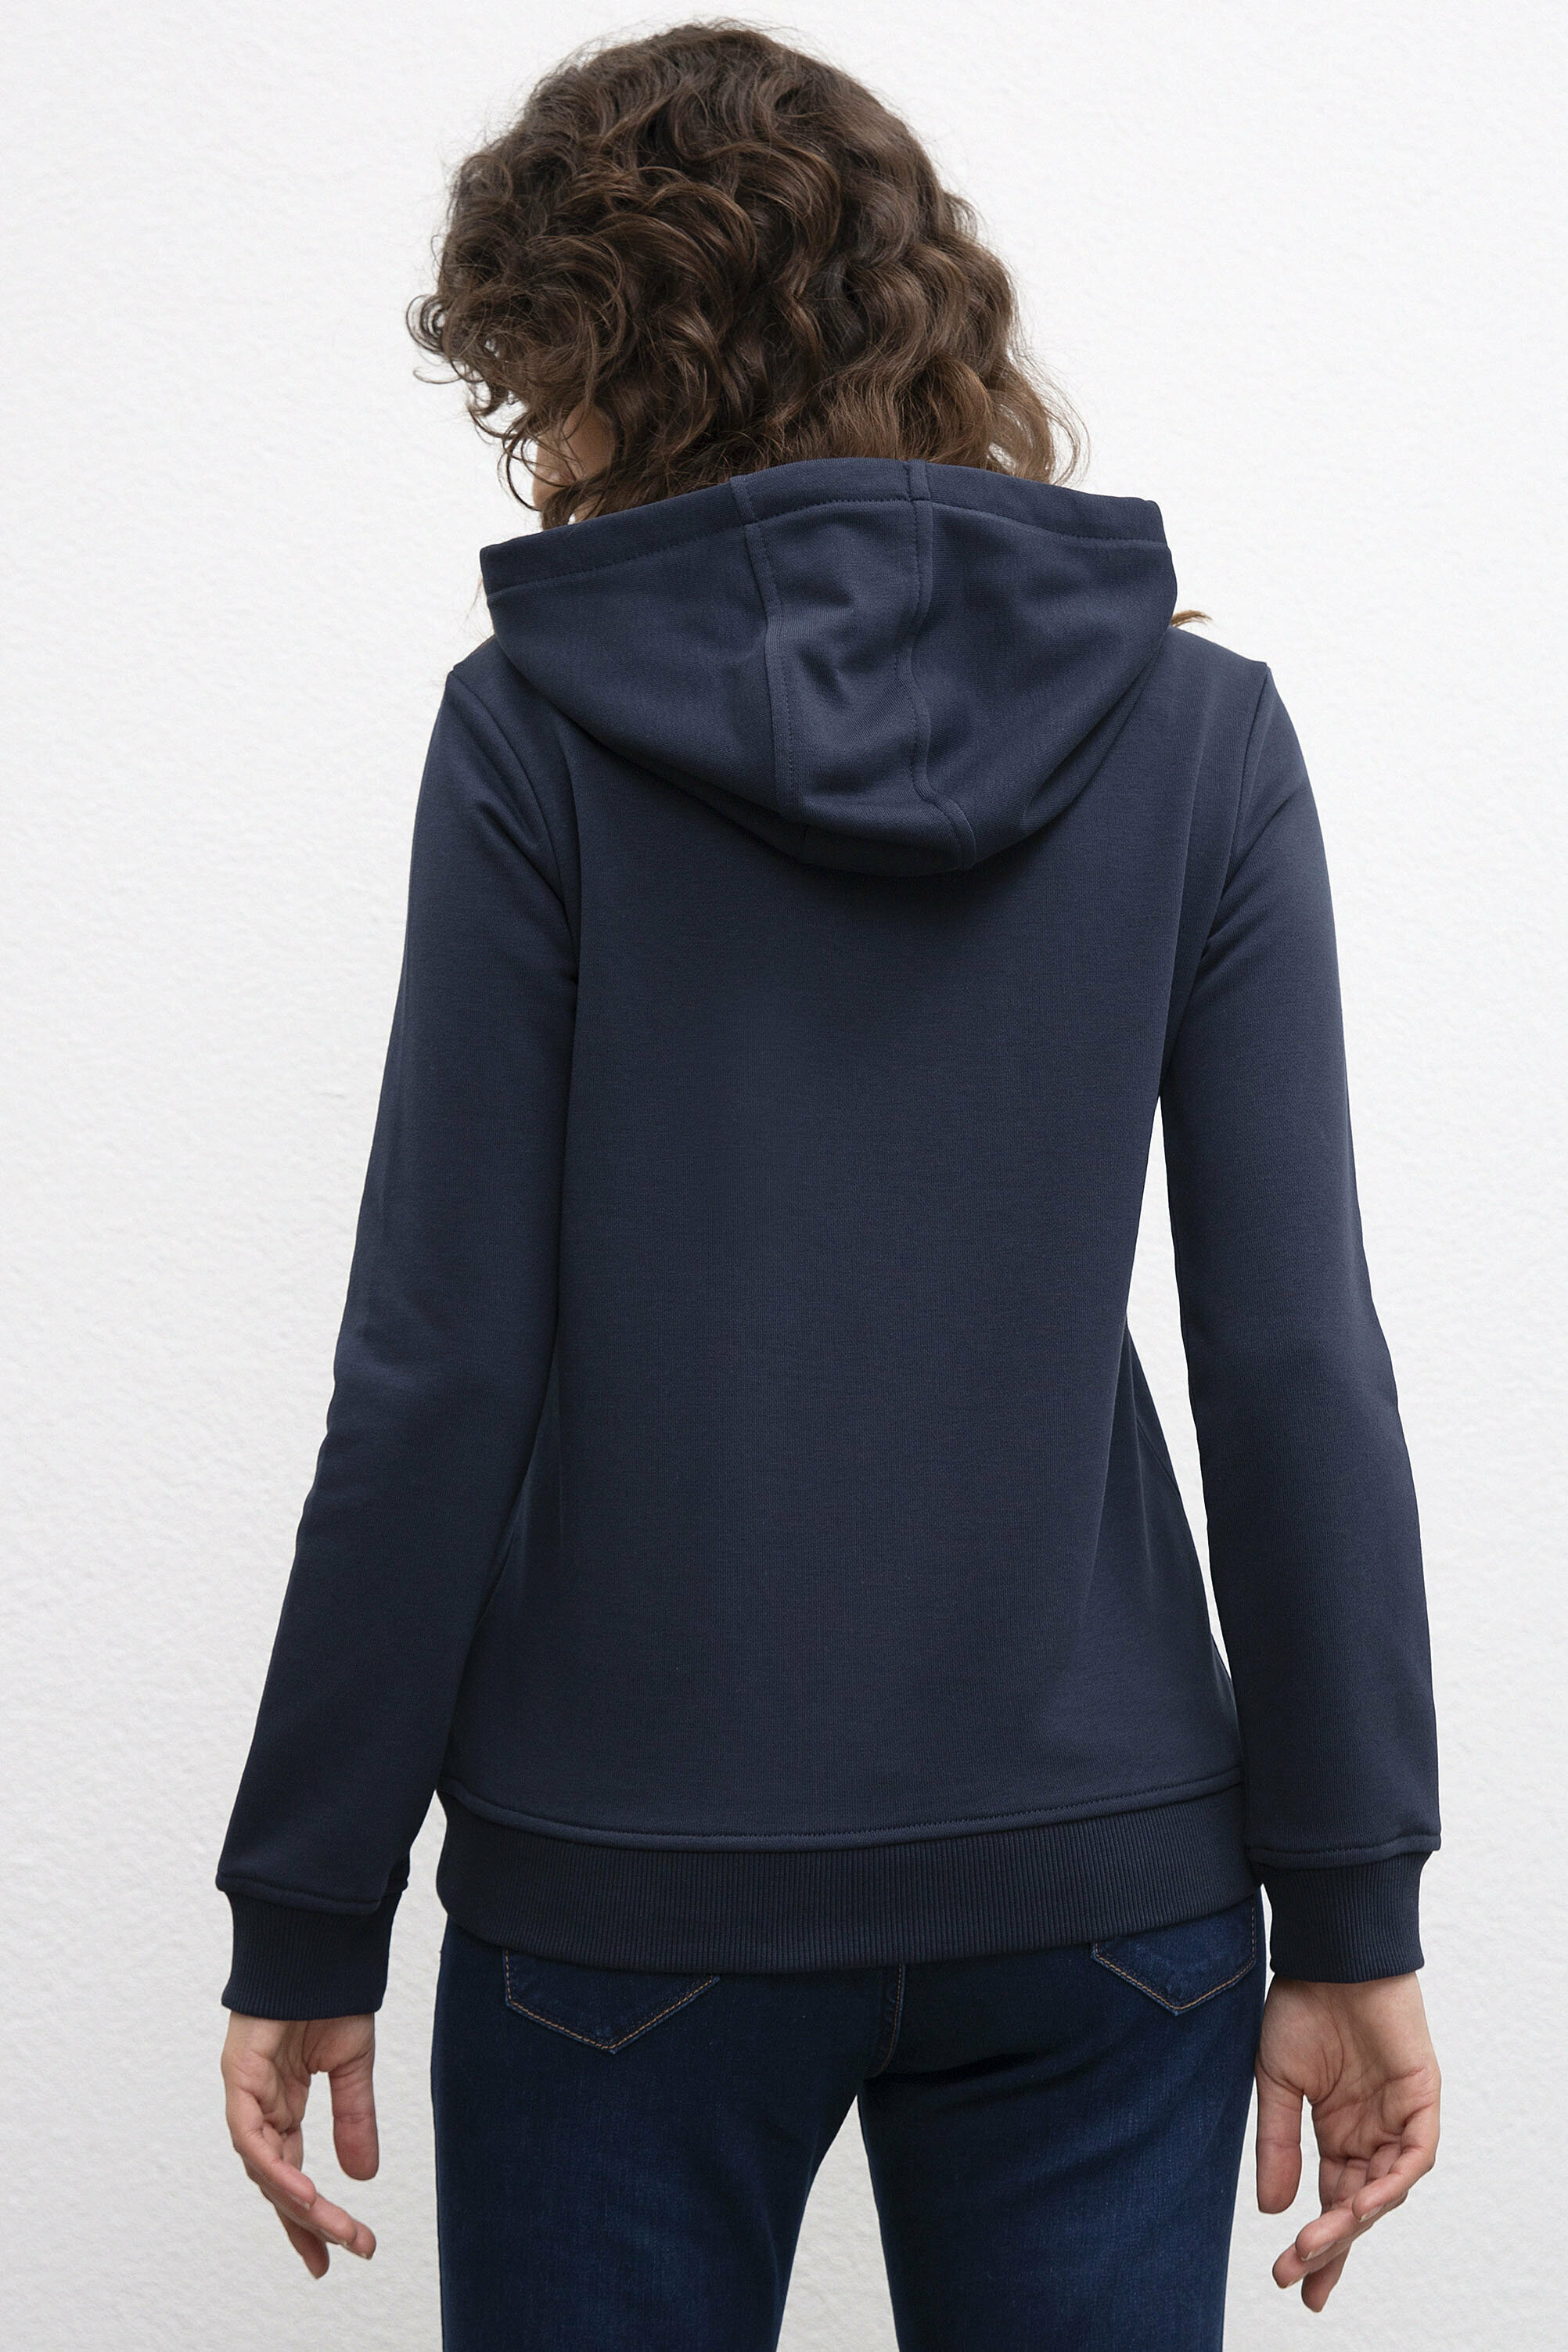 Kadın Sweatshirt 1